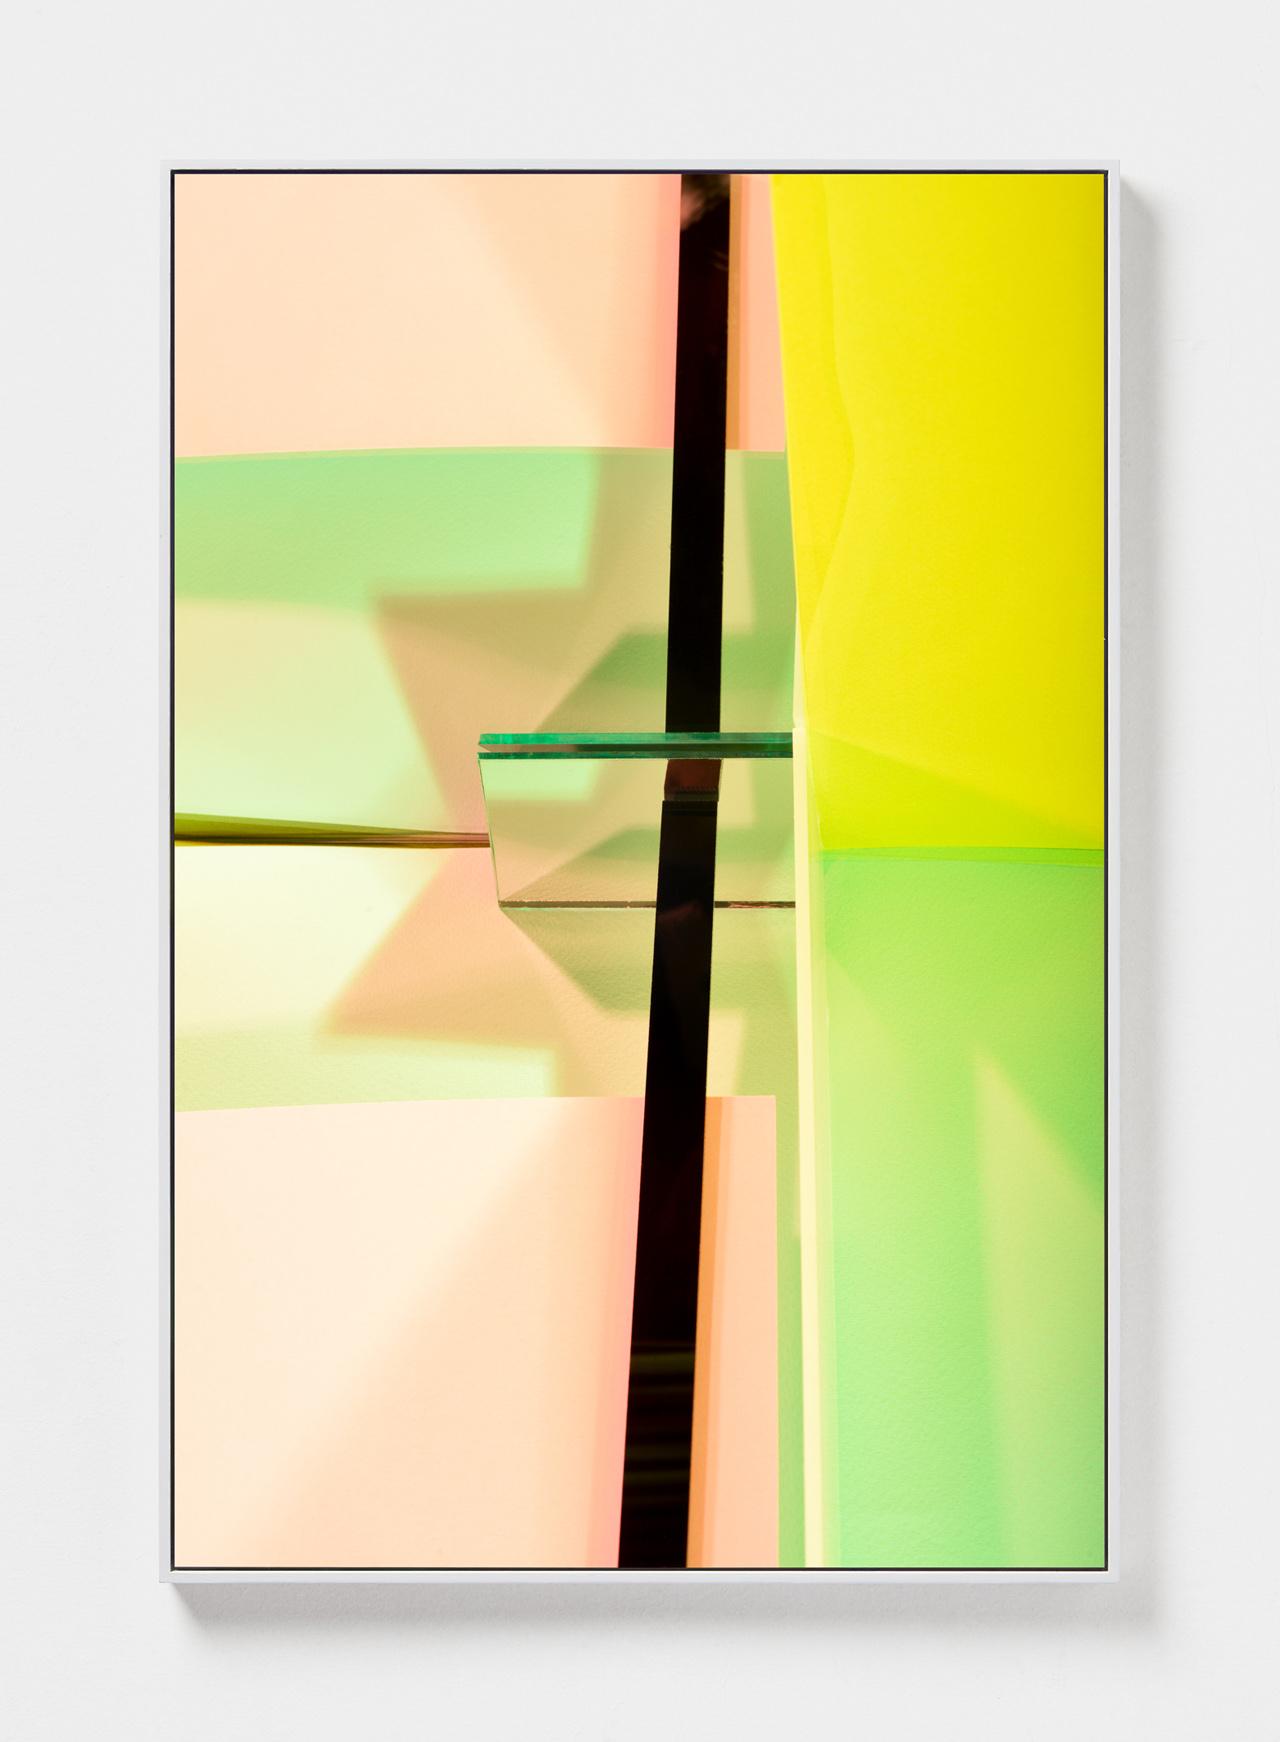 LYDIA WEGNER   Teal Slice  2019 Archival inkjet print, steel frame 120 x 80cm